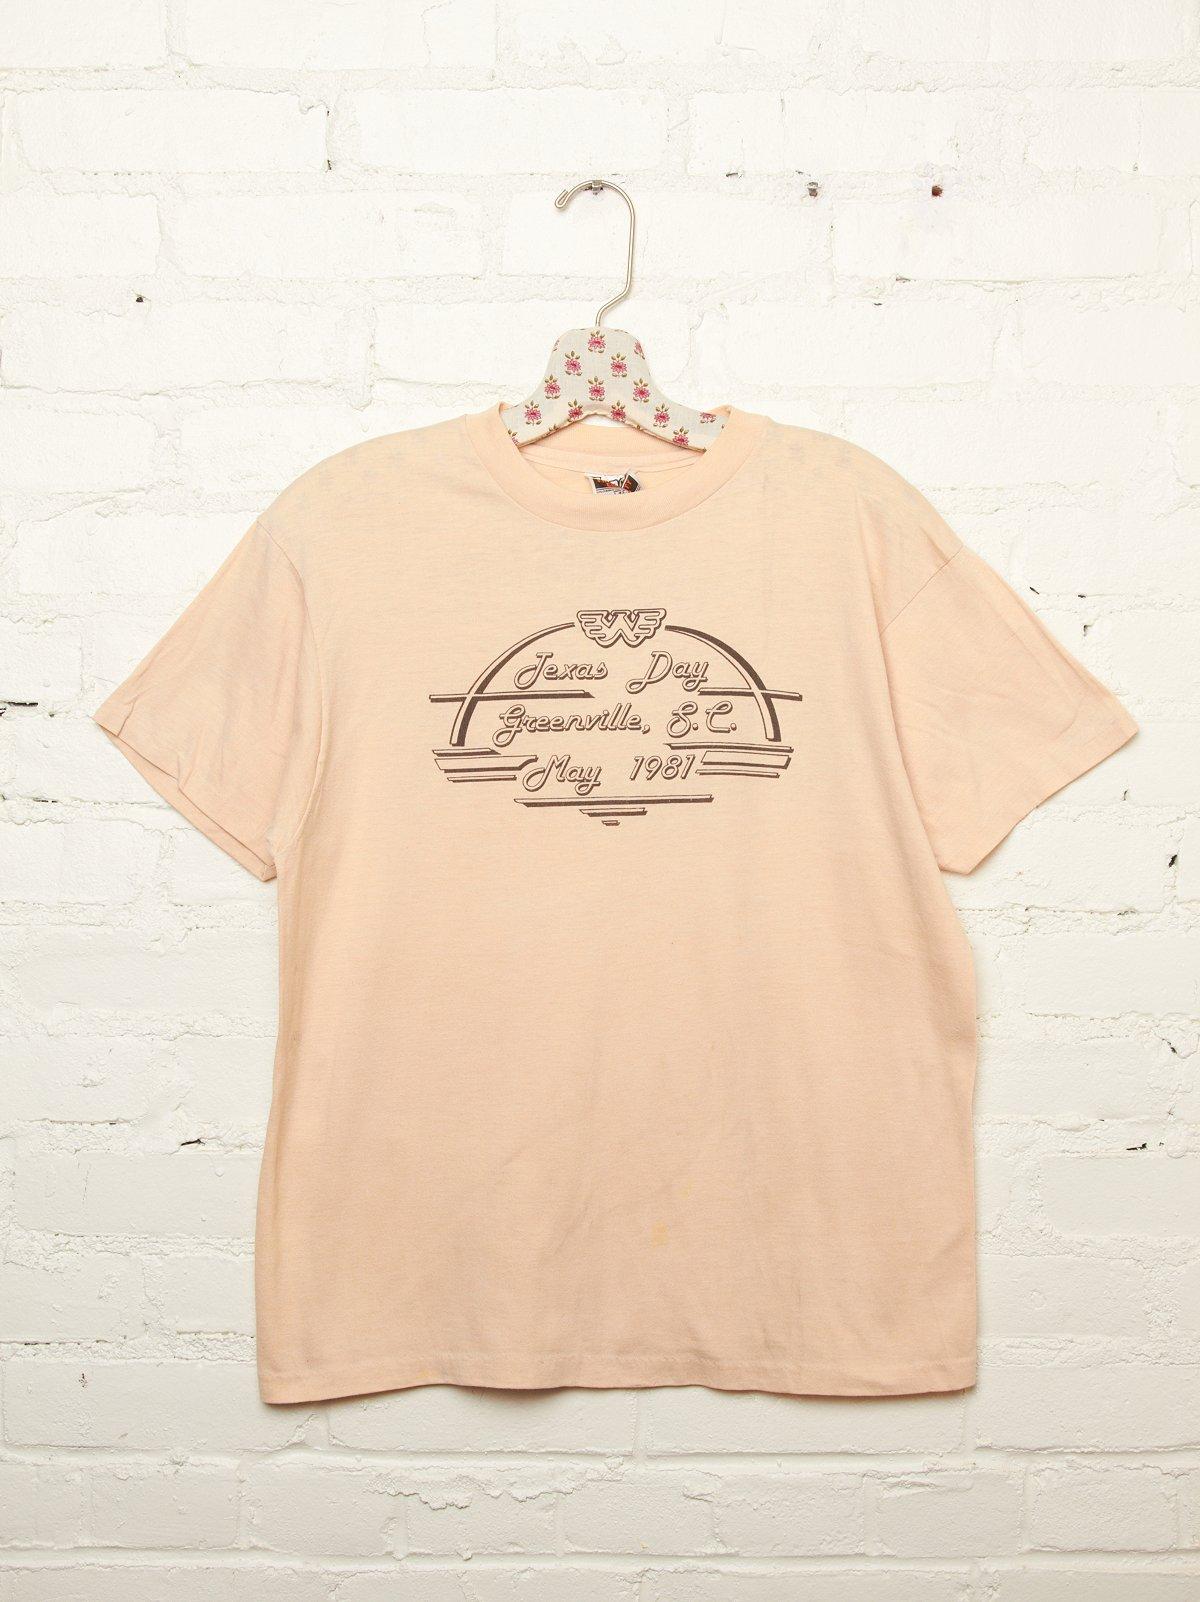 Vintage Waylon Jennings Tee